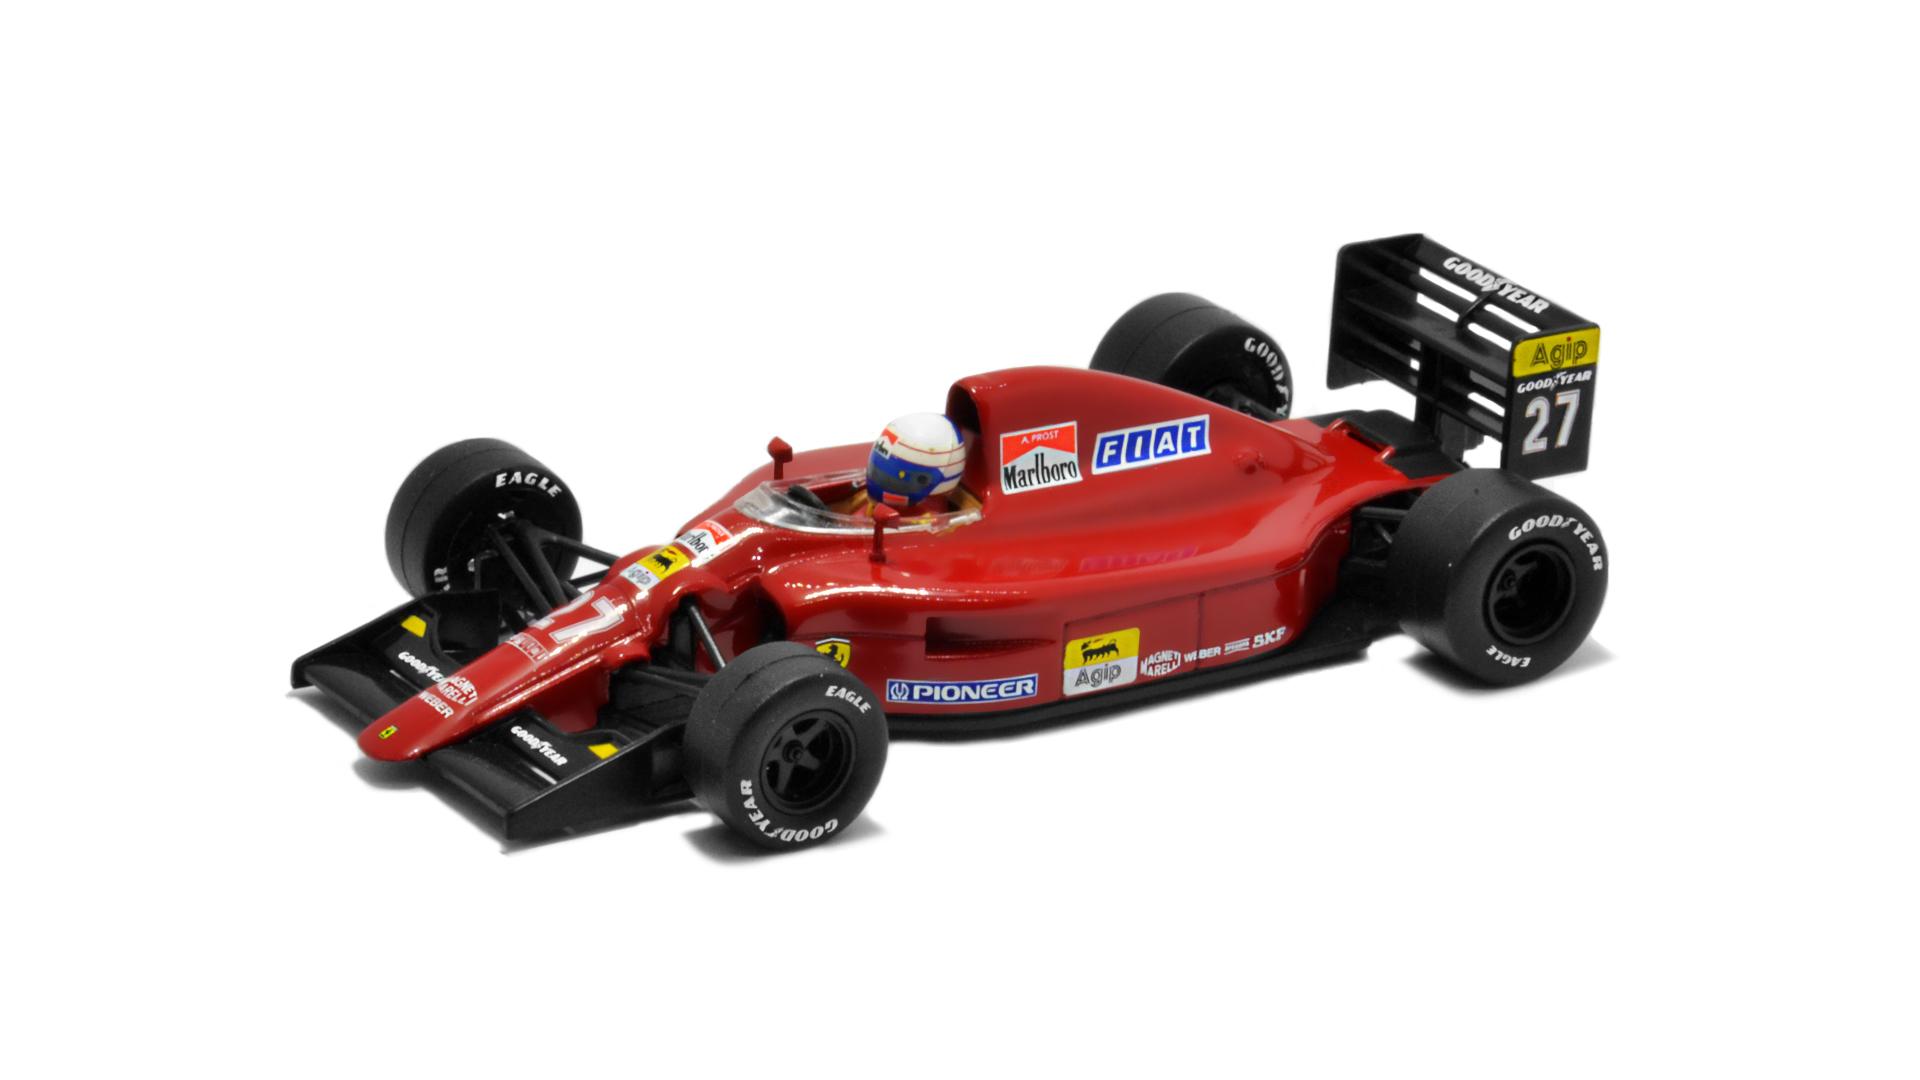 Év: 1991<br />Modell: 642<br />Gyártó: Altaya (átalakított)<br />Pilóta: Alain Prost